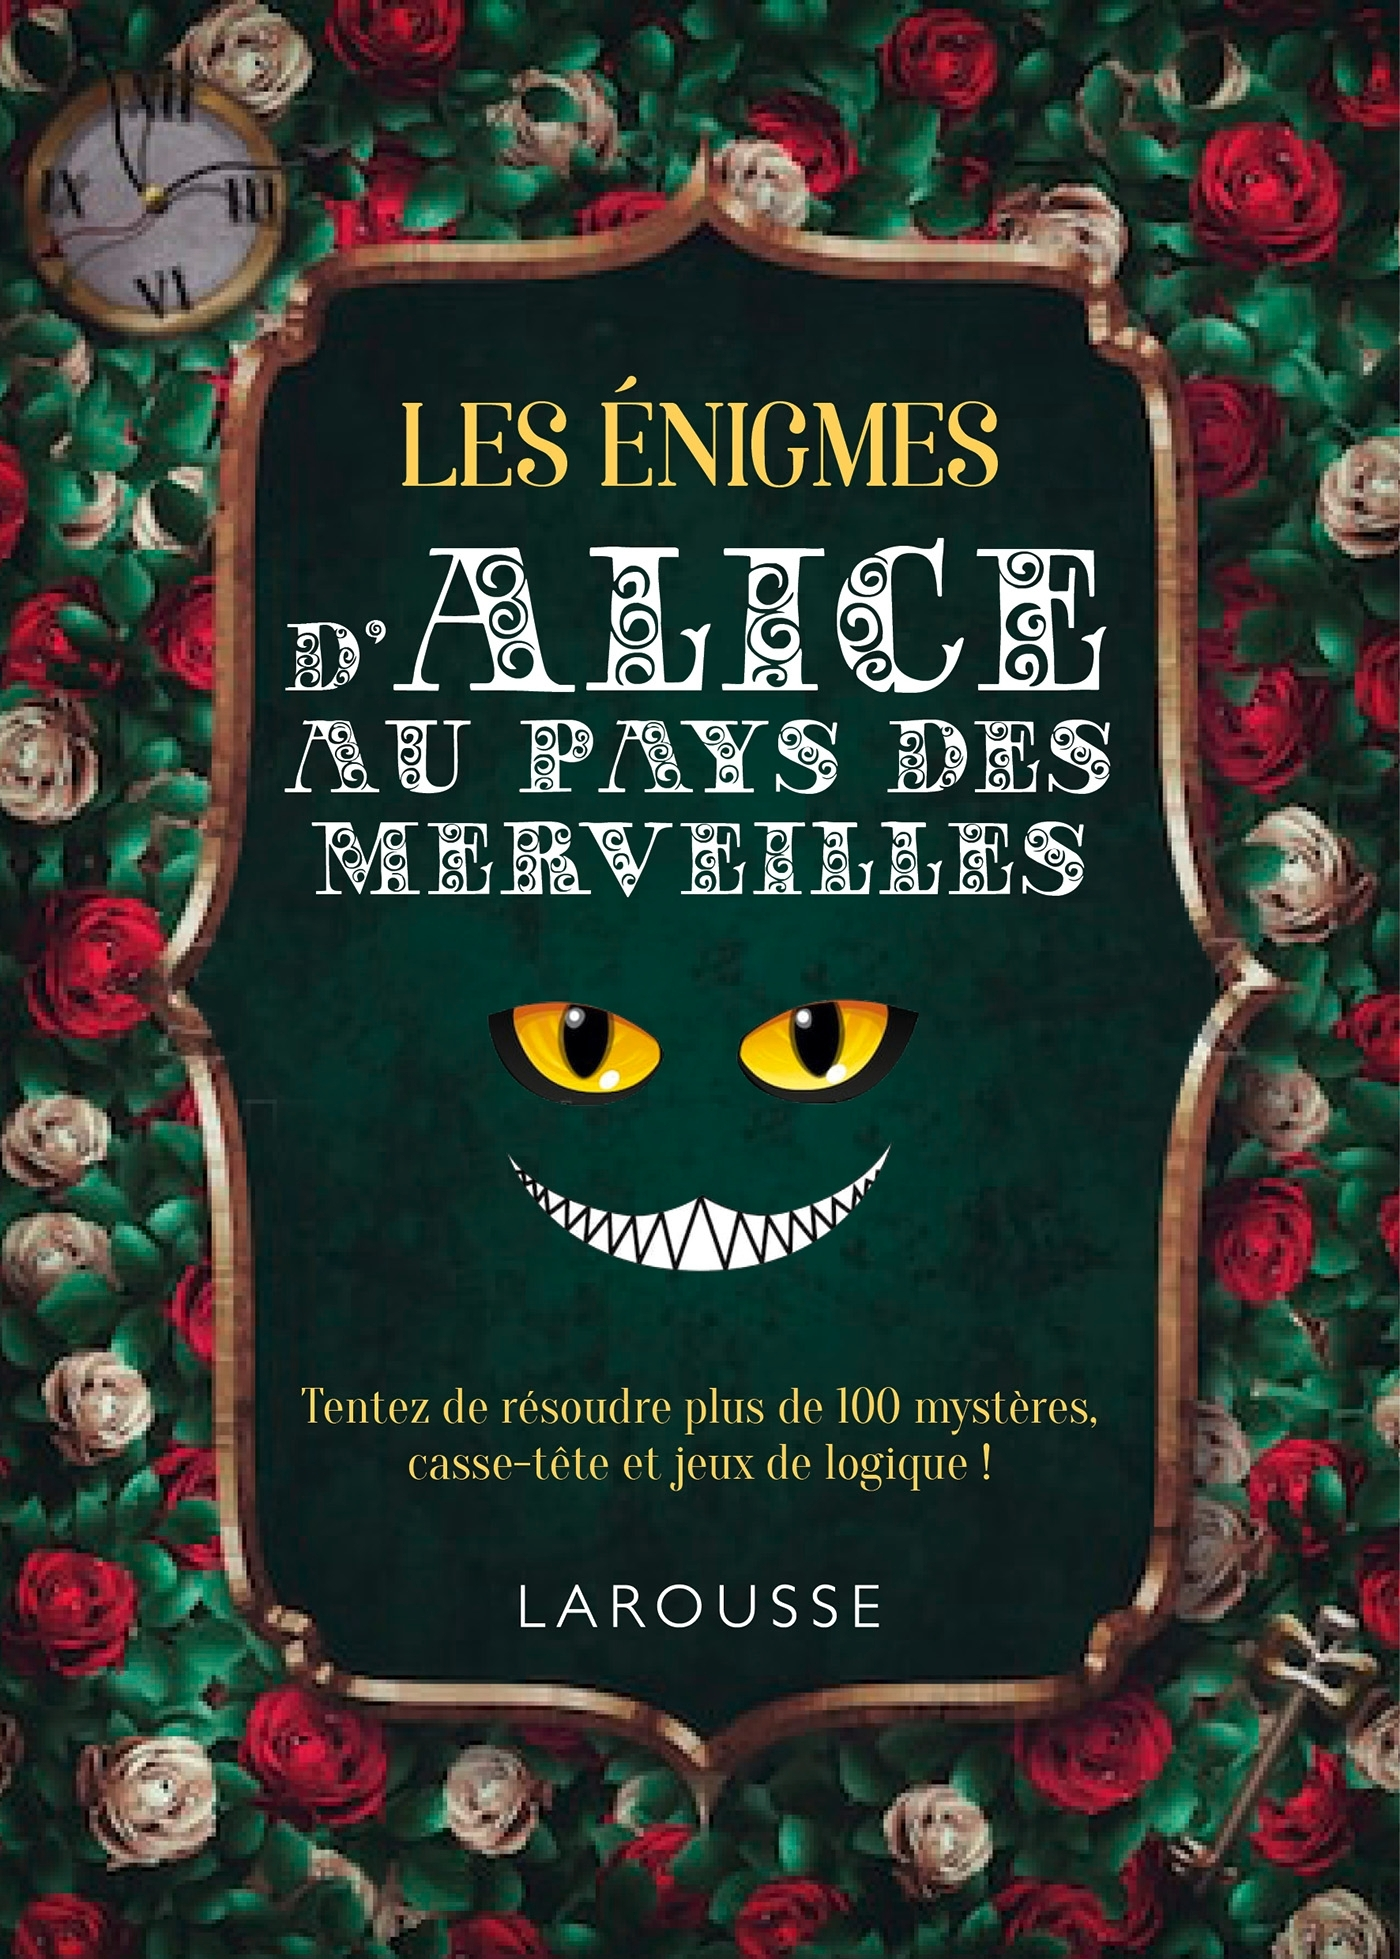 130 ENIGMES D'ALICE AU PAYS DES MERVEILLES